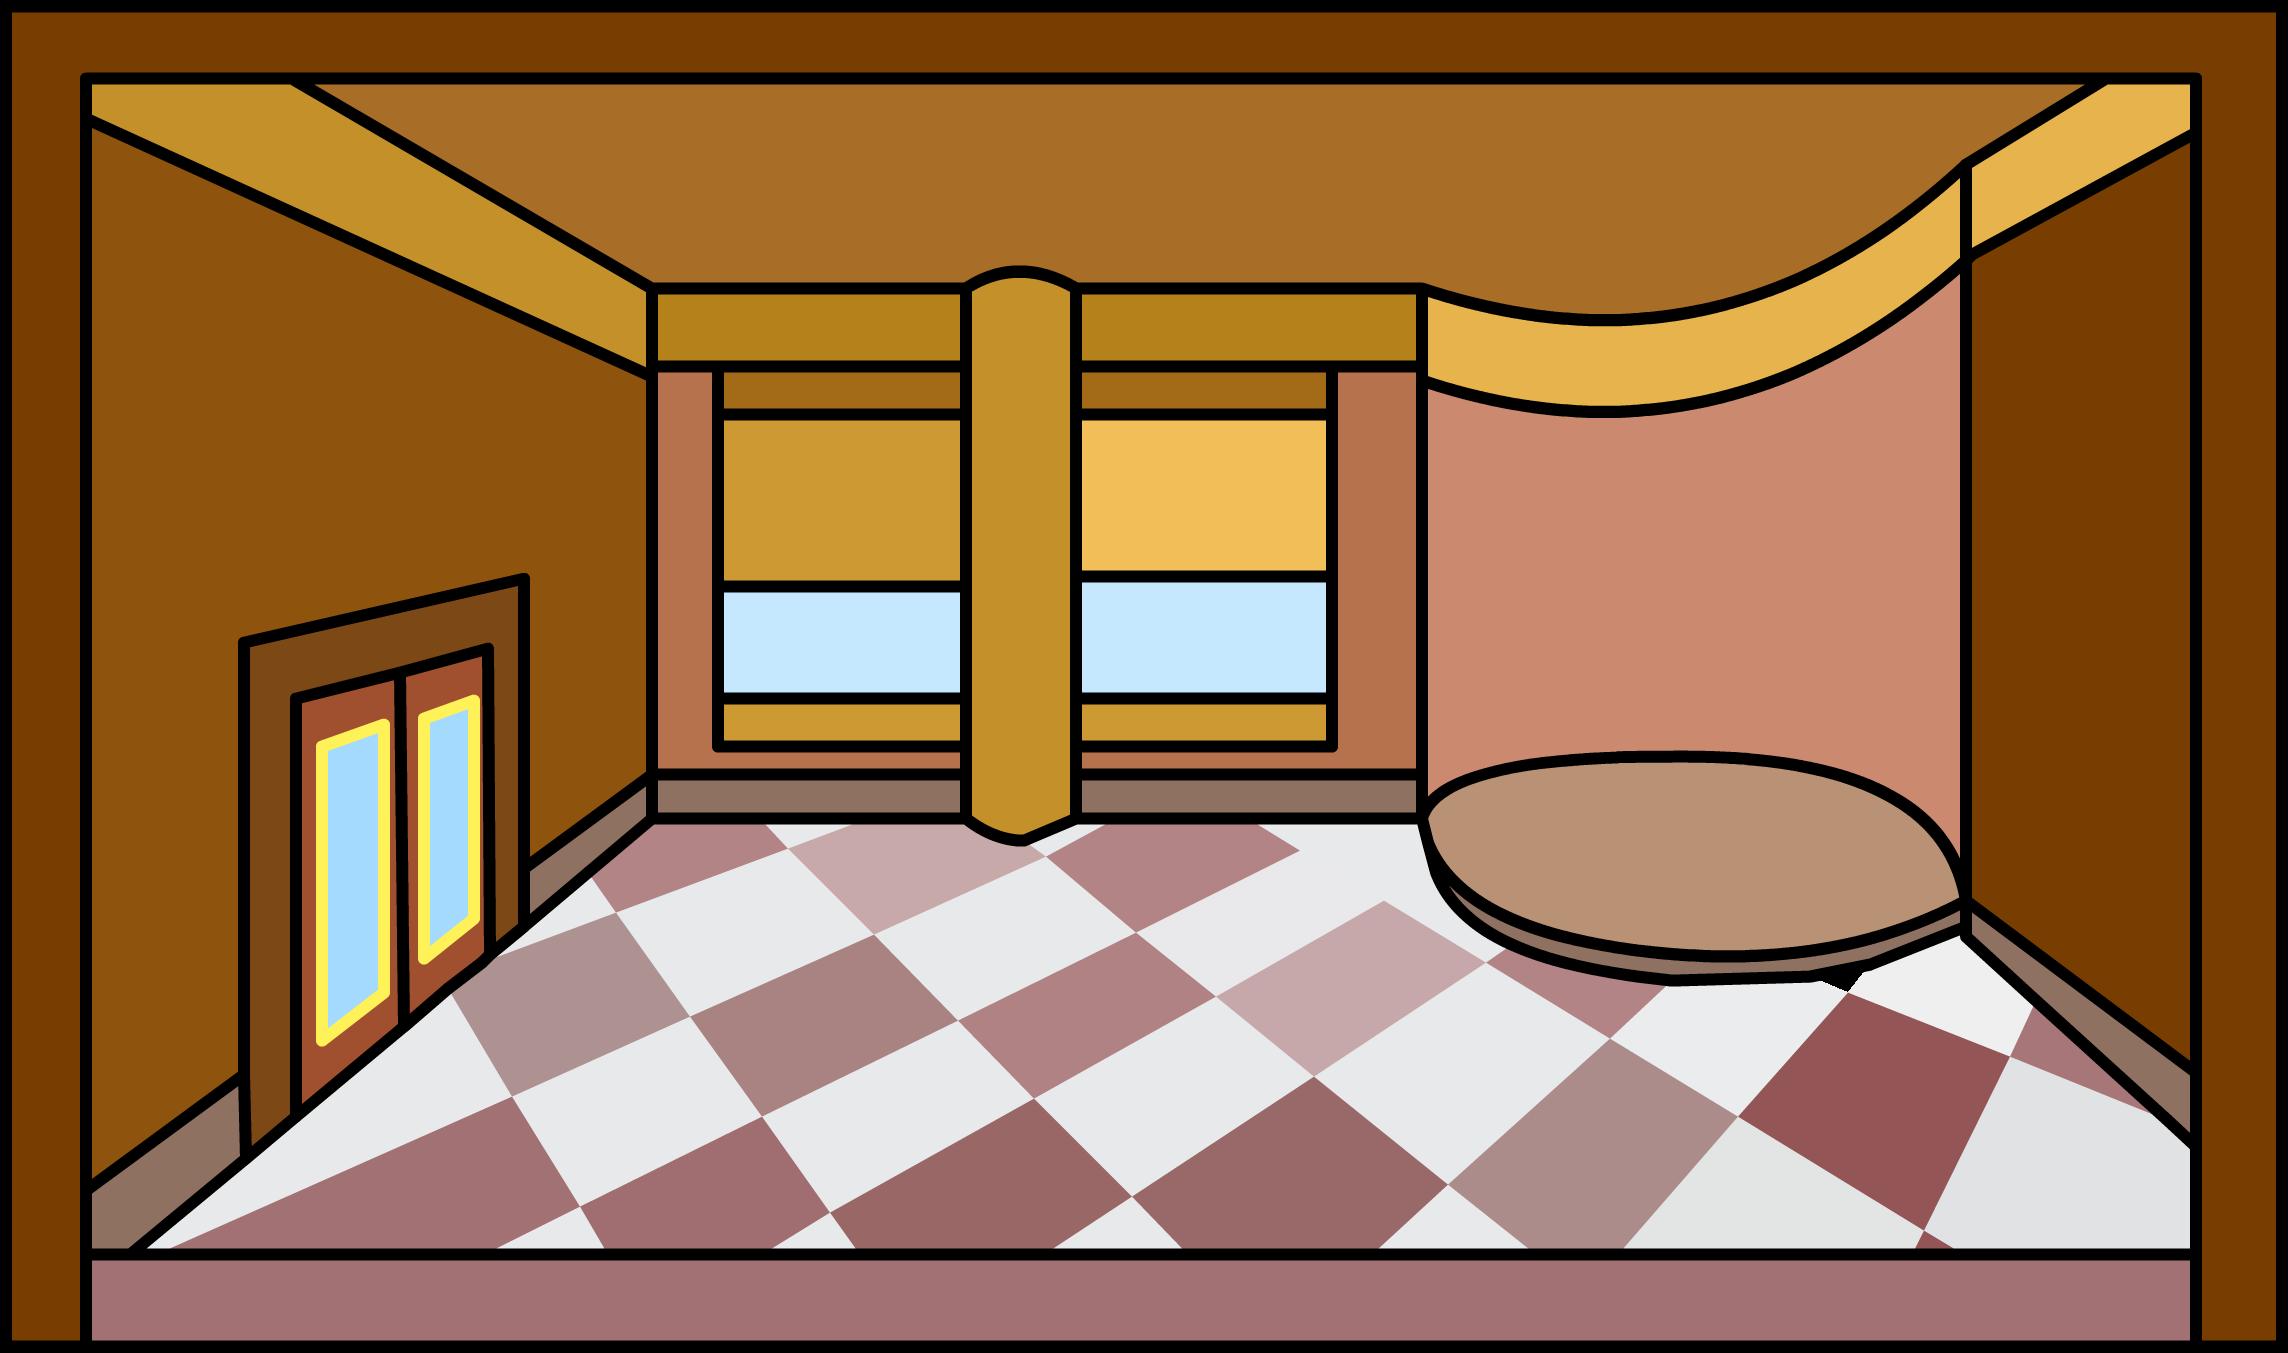 Restaurant Igloo | Club Penguin Wiki | FANDOM powered by Wikia